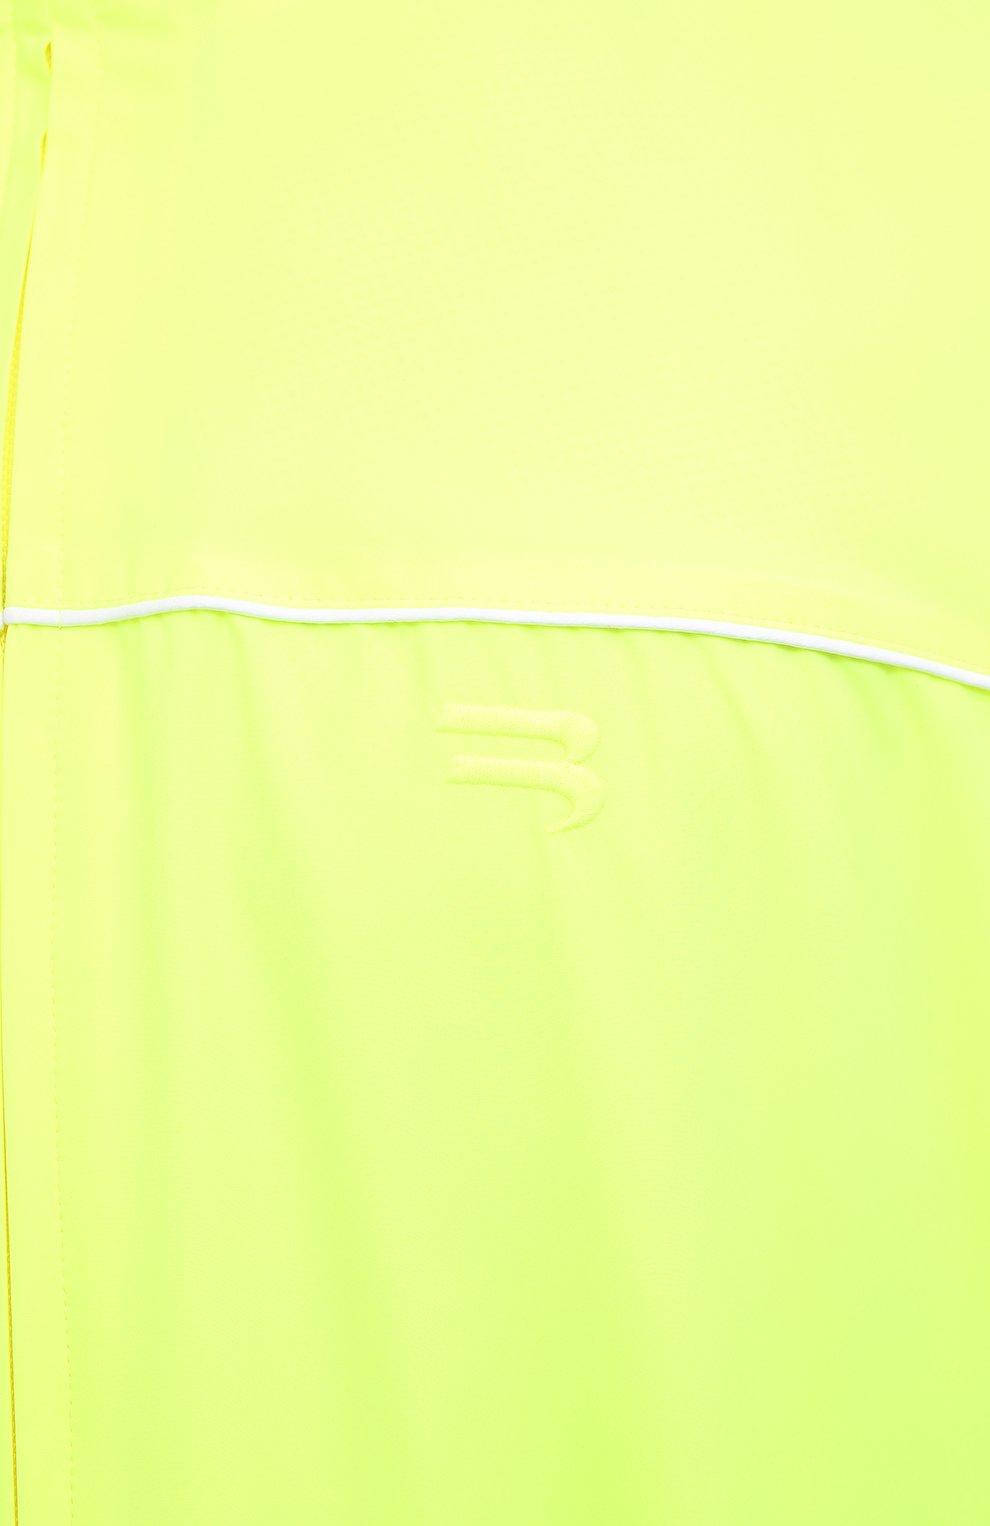 Мужской бомбер BALENCIAGA светло-зеленого цвета, арт. 642337/TJ0C1 | Фото 5 (Кросс-КТ: Куртка; Рукава: Длинные; Принт: Без принта; Длина (верхняя одежда): До середины бедра; Материал внешний: Синтетический материал; Стили: Гранж; Материал подклада: Синтетический материал)